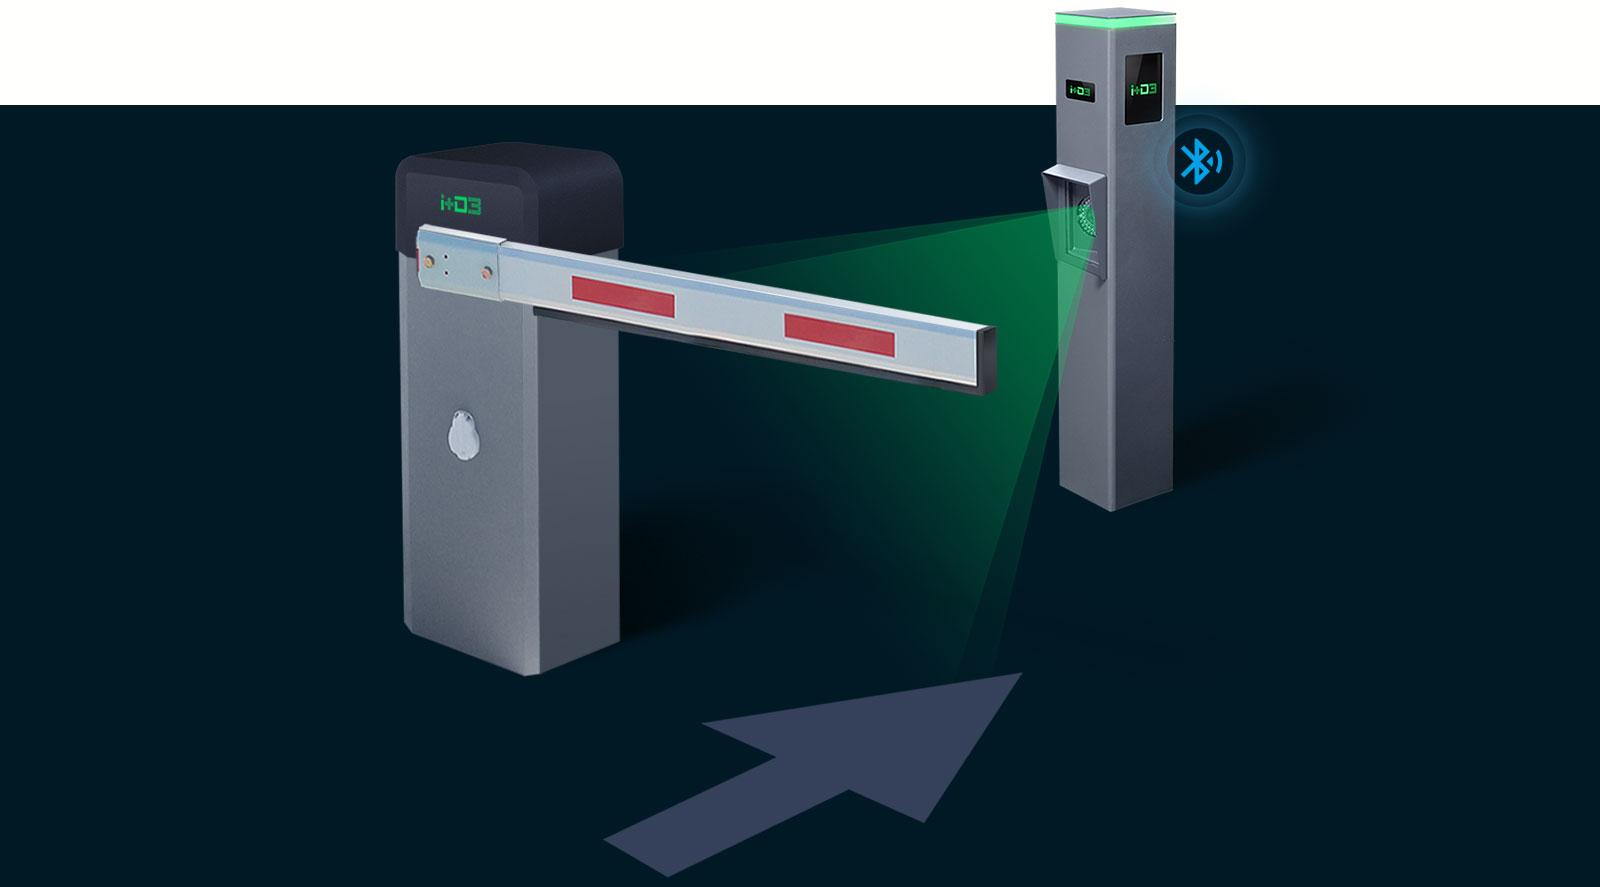 sistema reconocimiento matriculas parking empresa